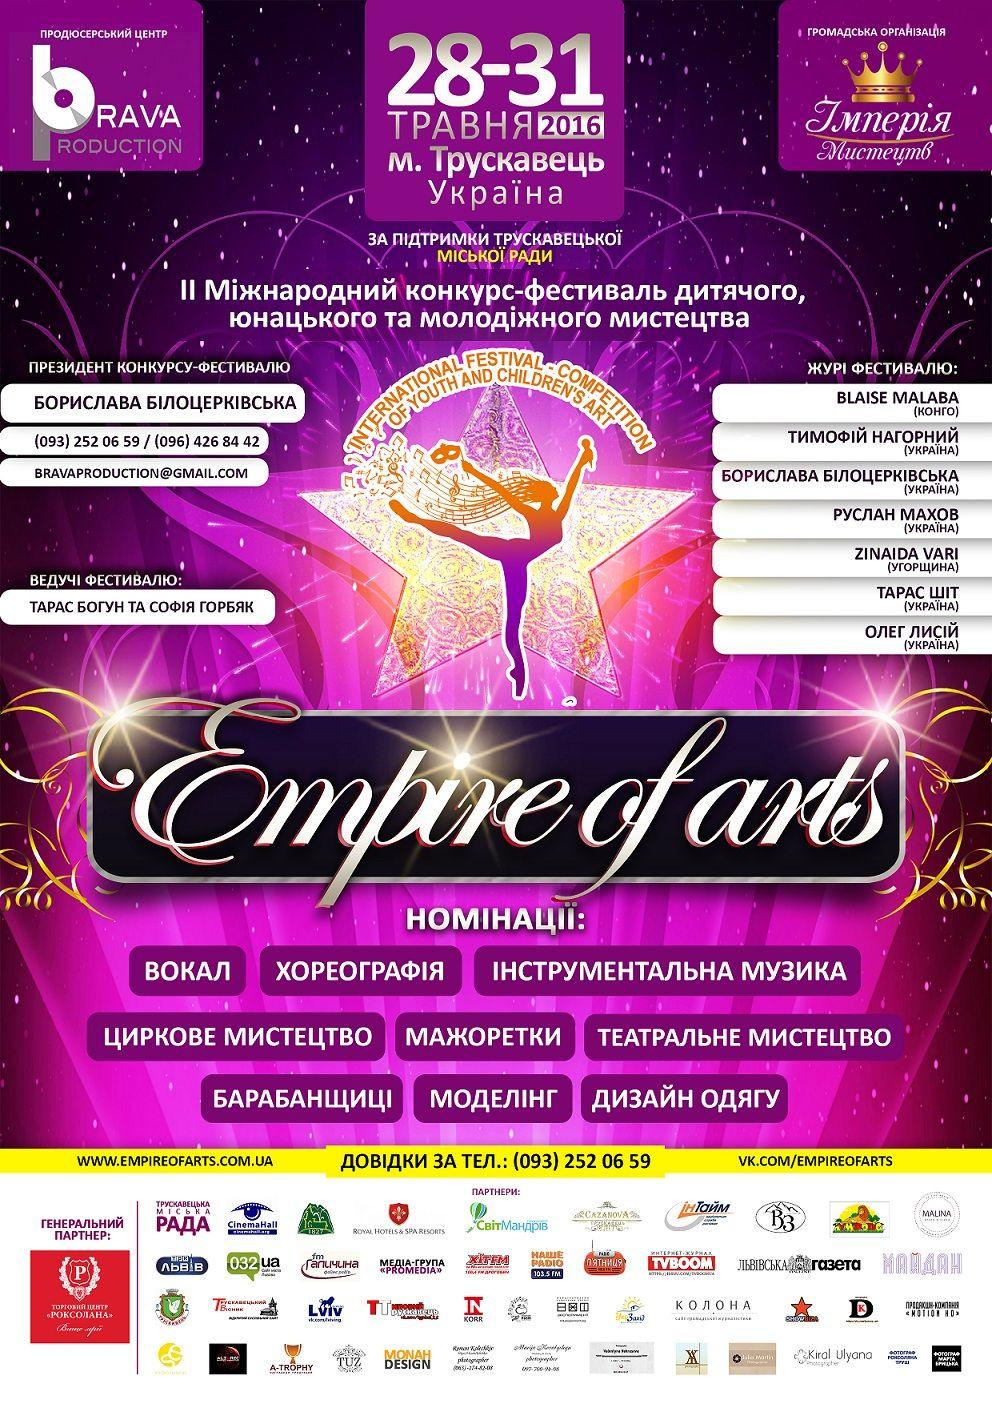 Empire of arts – грандіозна мистецька подія на Львівщині